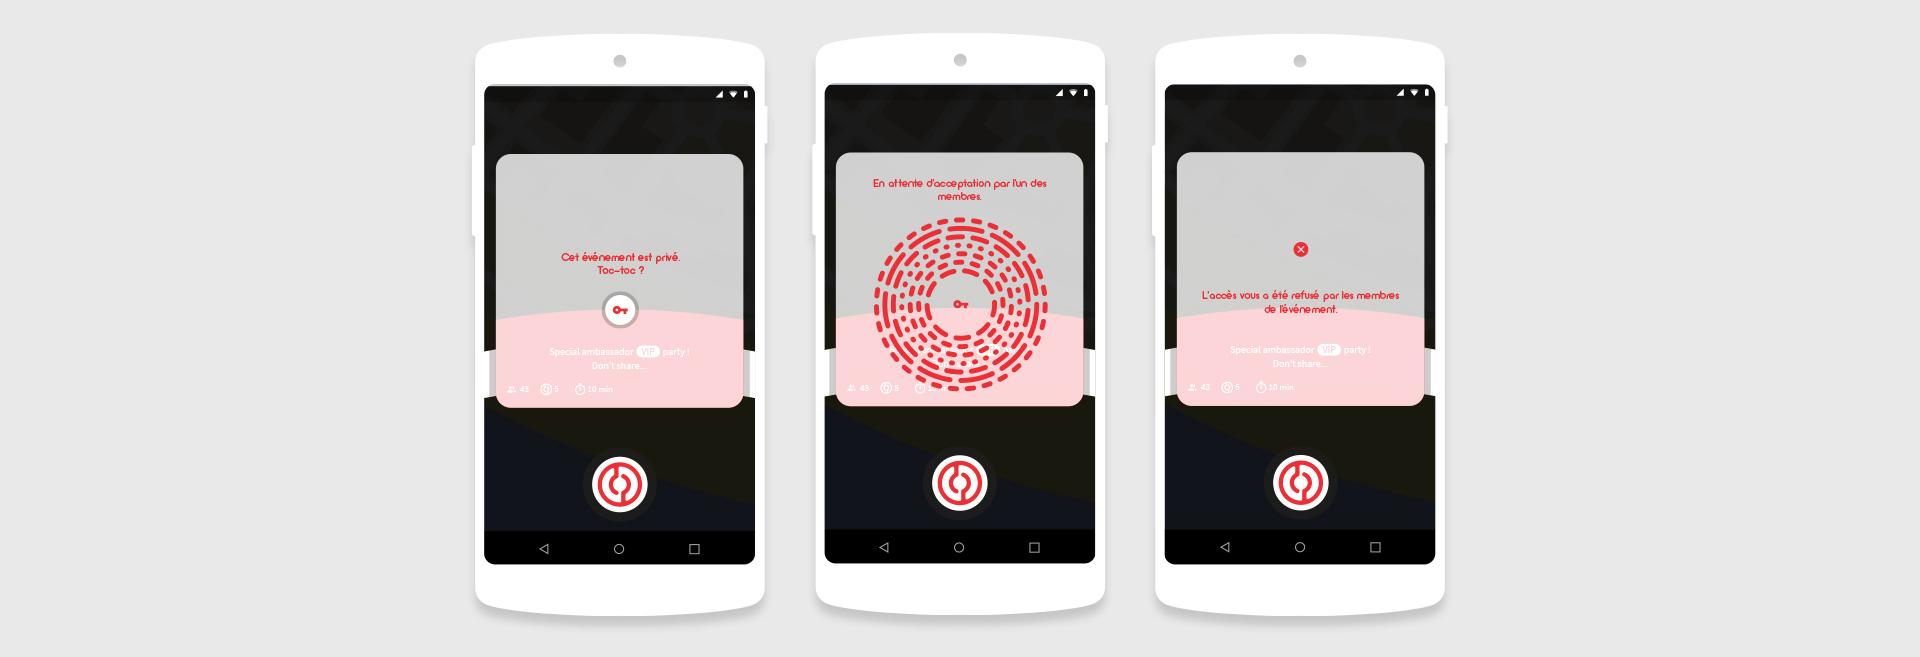 APP_Crowdpick_Slide_0_0005_UX_App_Crowdpick_Slide_007